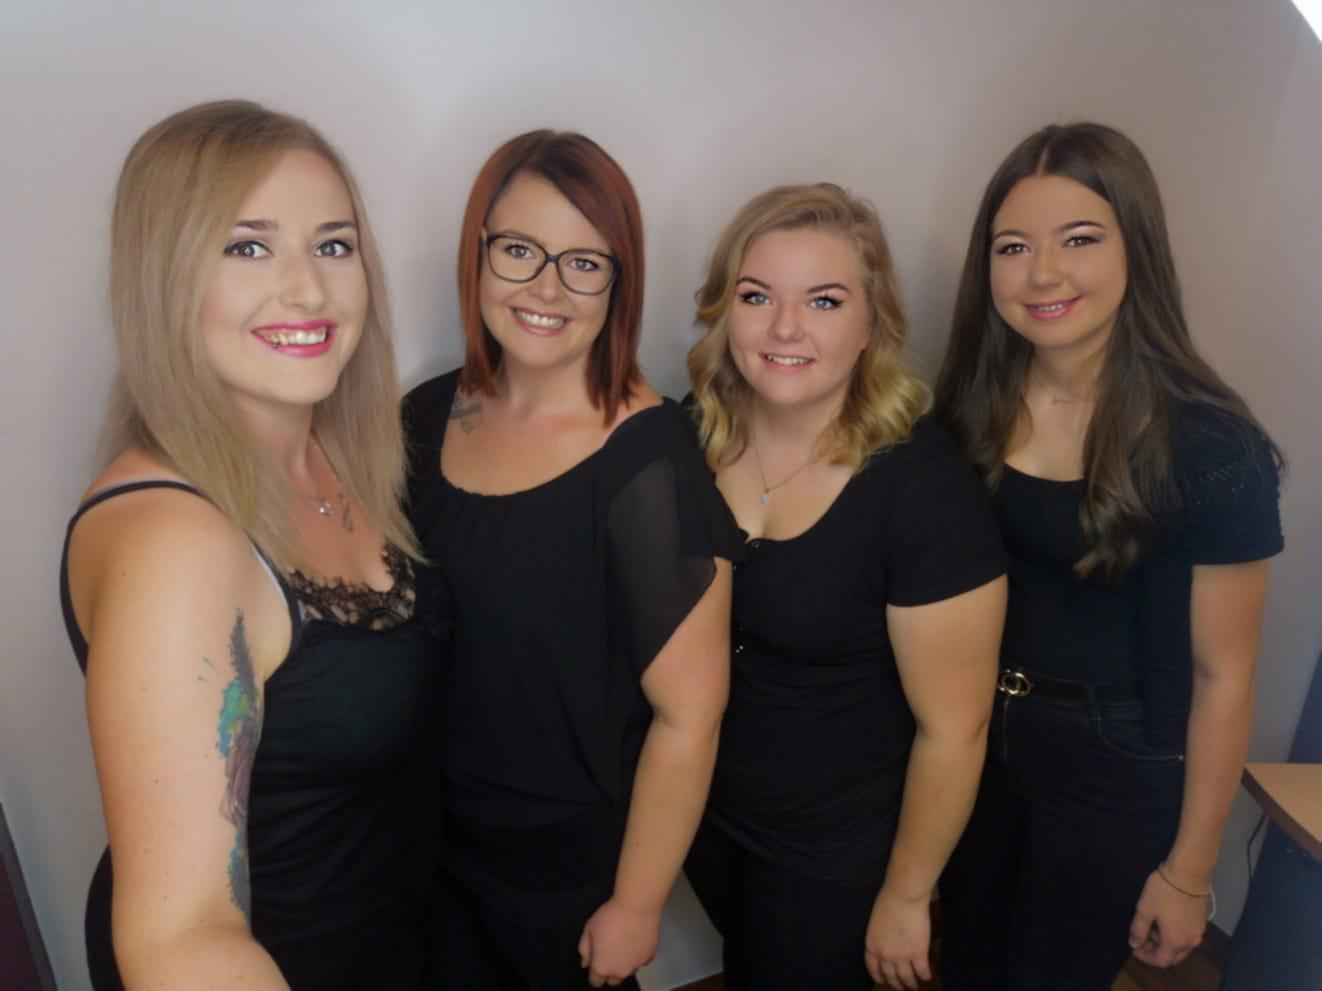 team hairwaybysandra